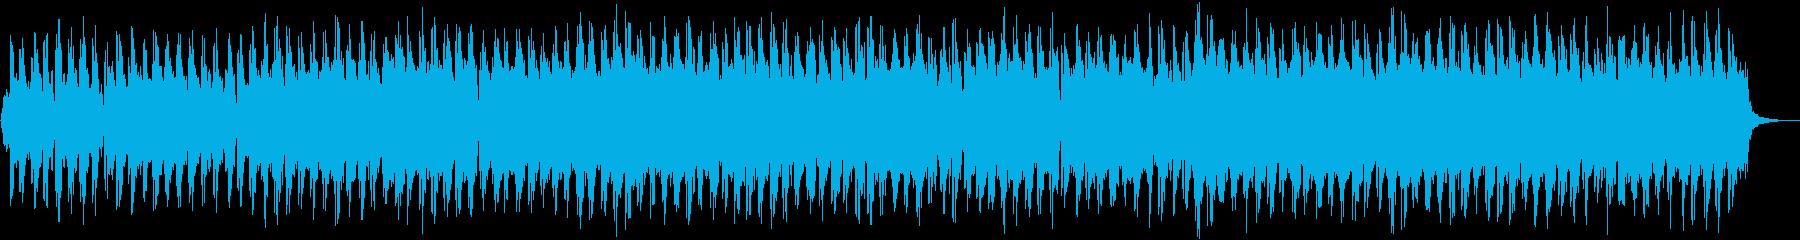 哀愁のあるオリジナルボサノバ曲の再生済みの波形